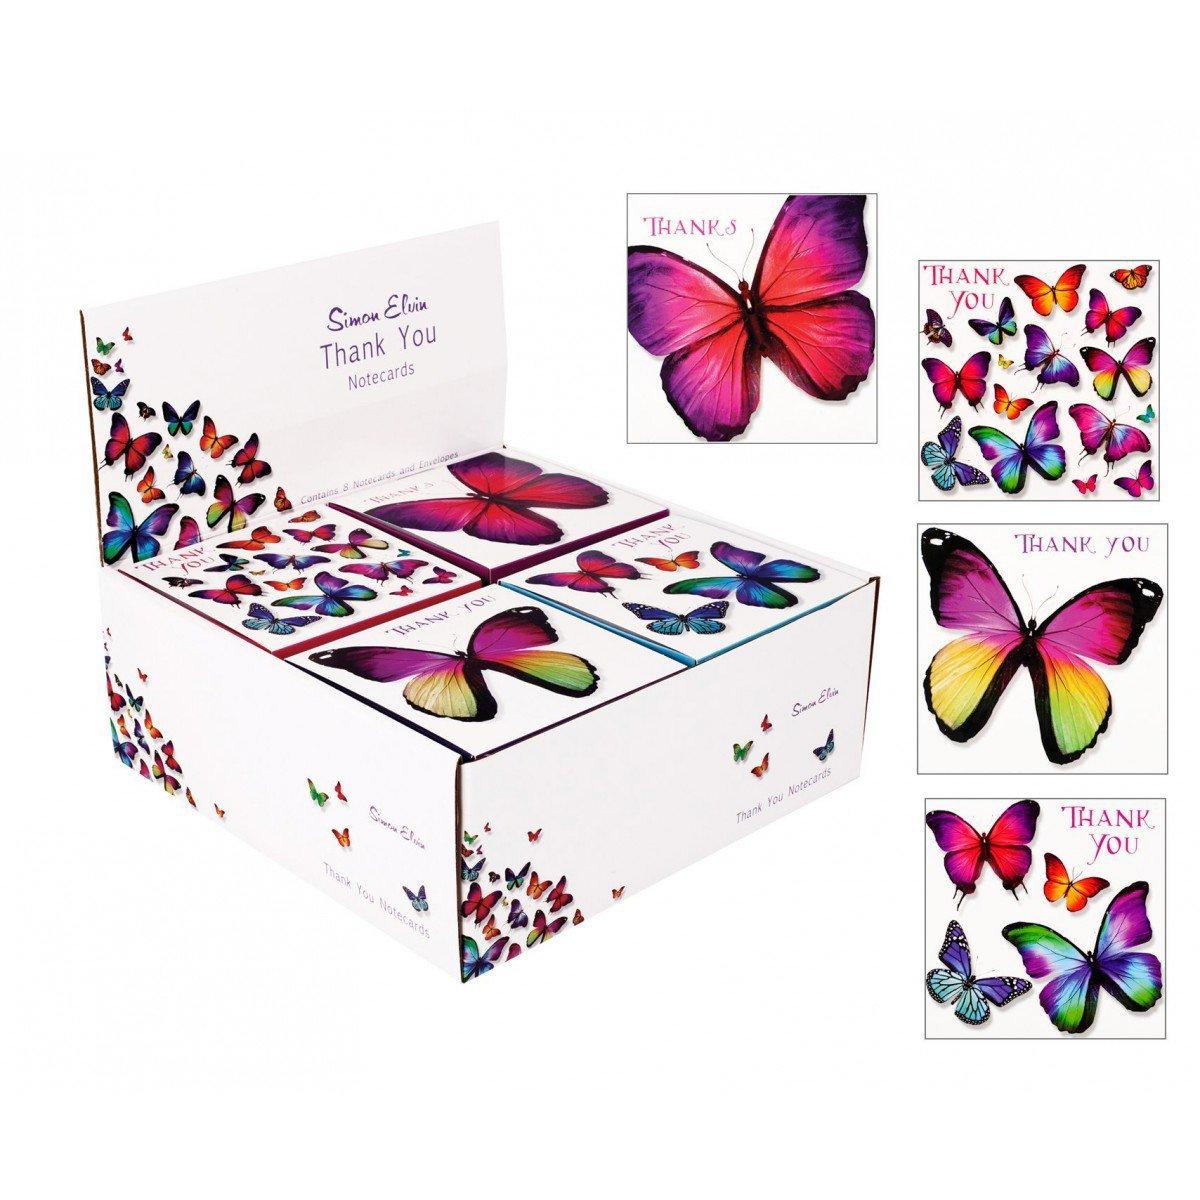 Simon Elvin Lot de 8/cartes remerciement de 133/x 133/mm /& cadeau gratuit